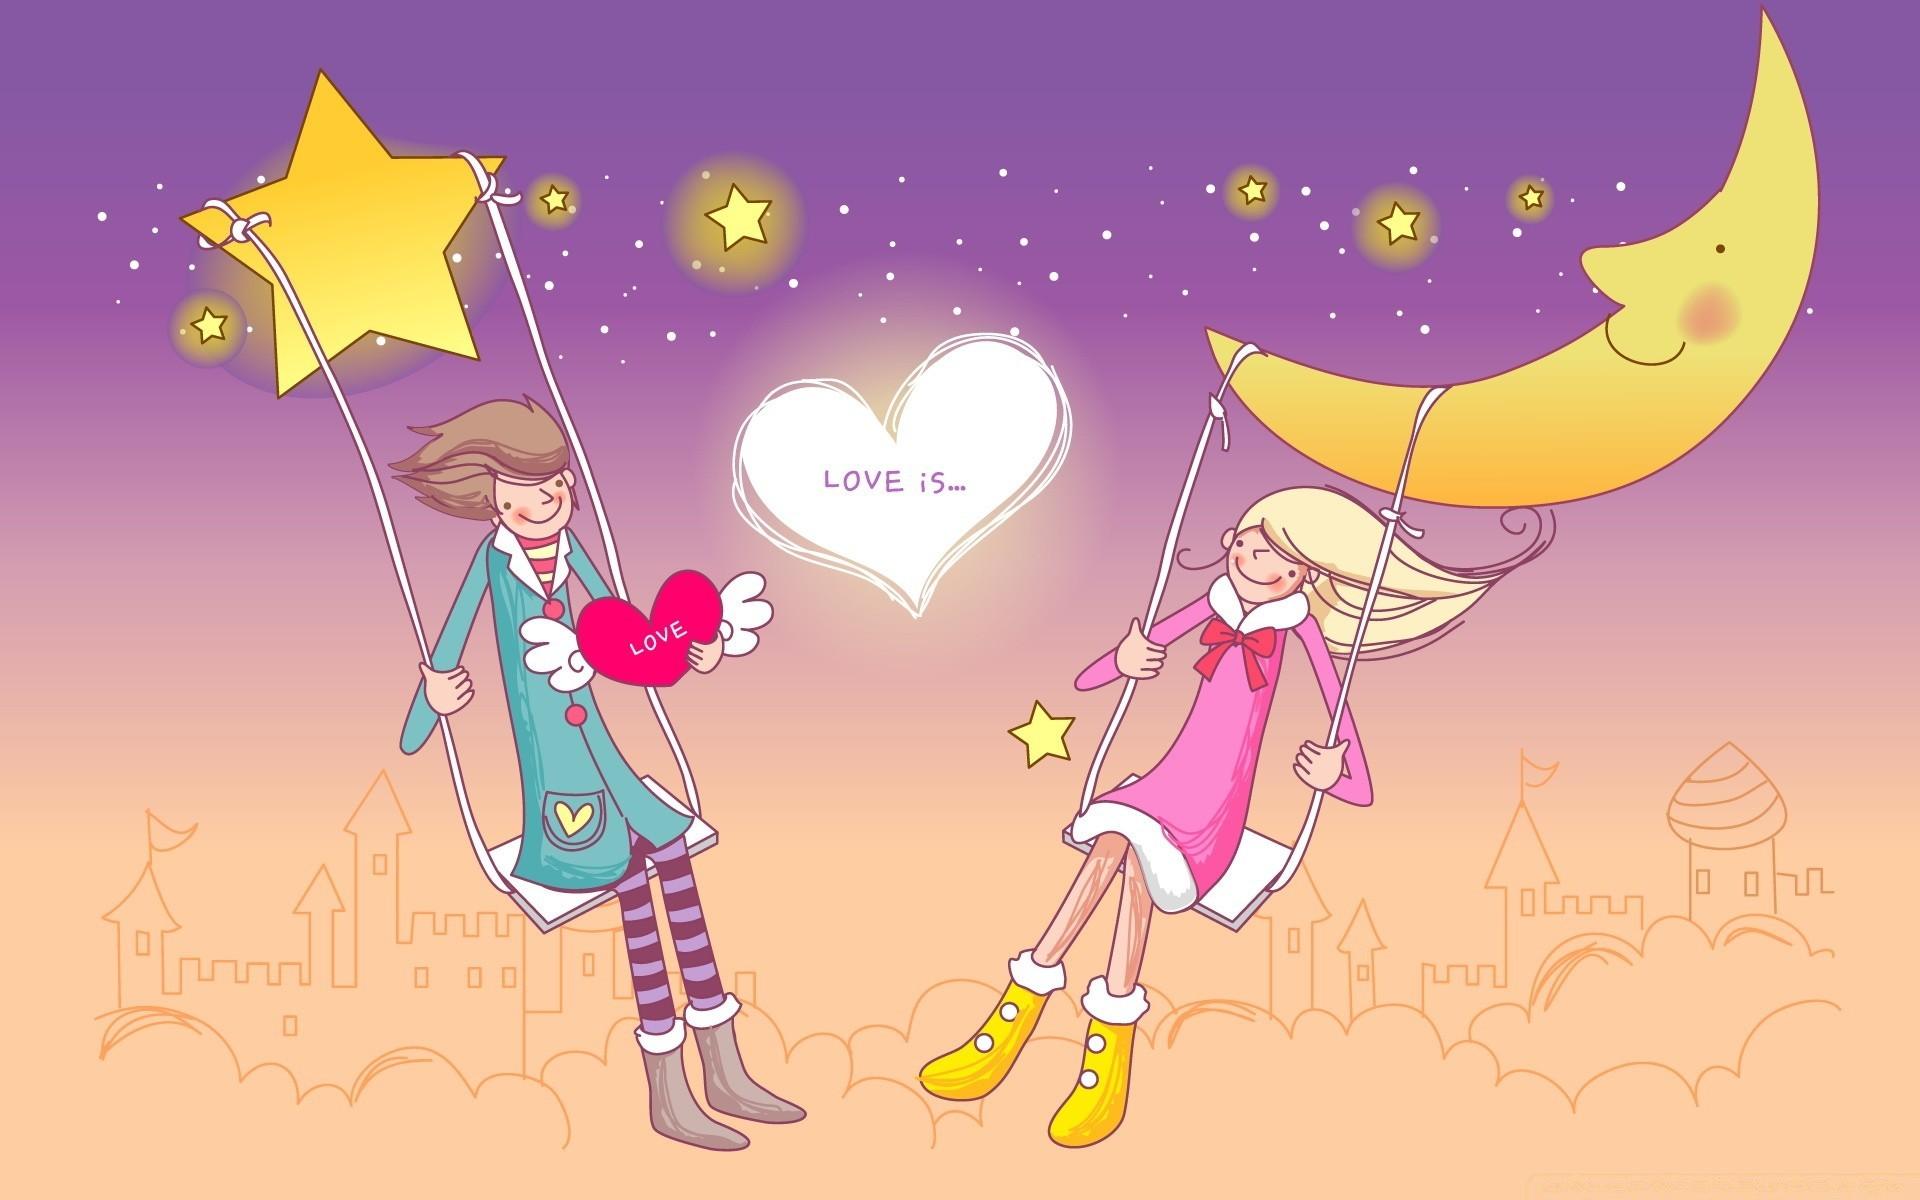 На телефон картинки про любовь прикольные, открытки для поздравления